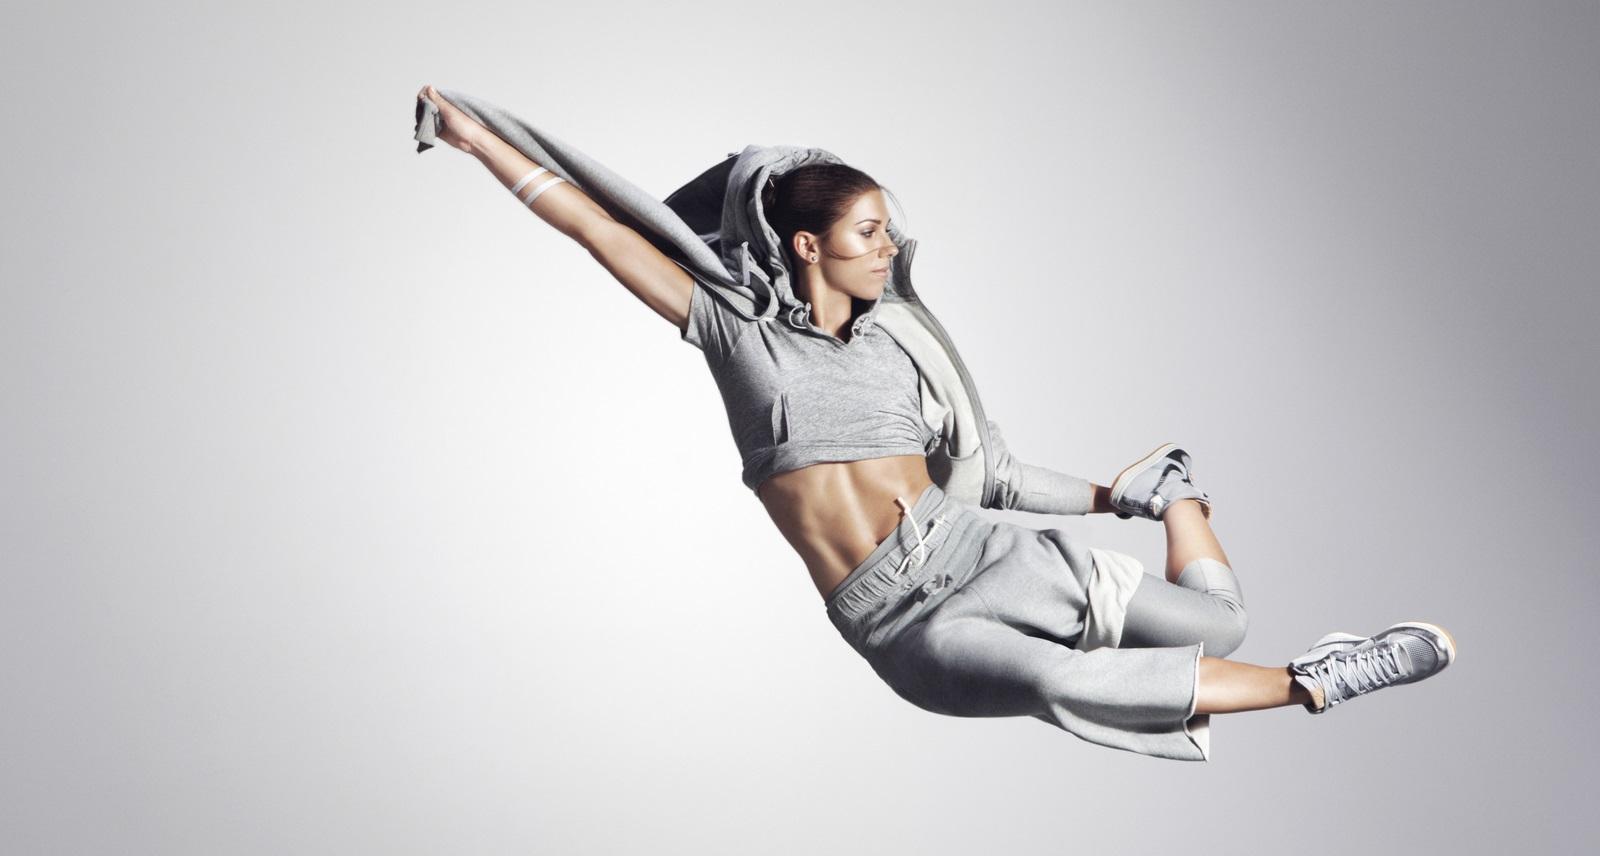 Kışa Uygun Mükemmel Egzersiz Kıyafetleri